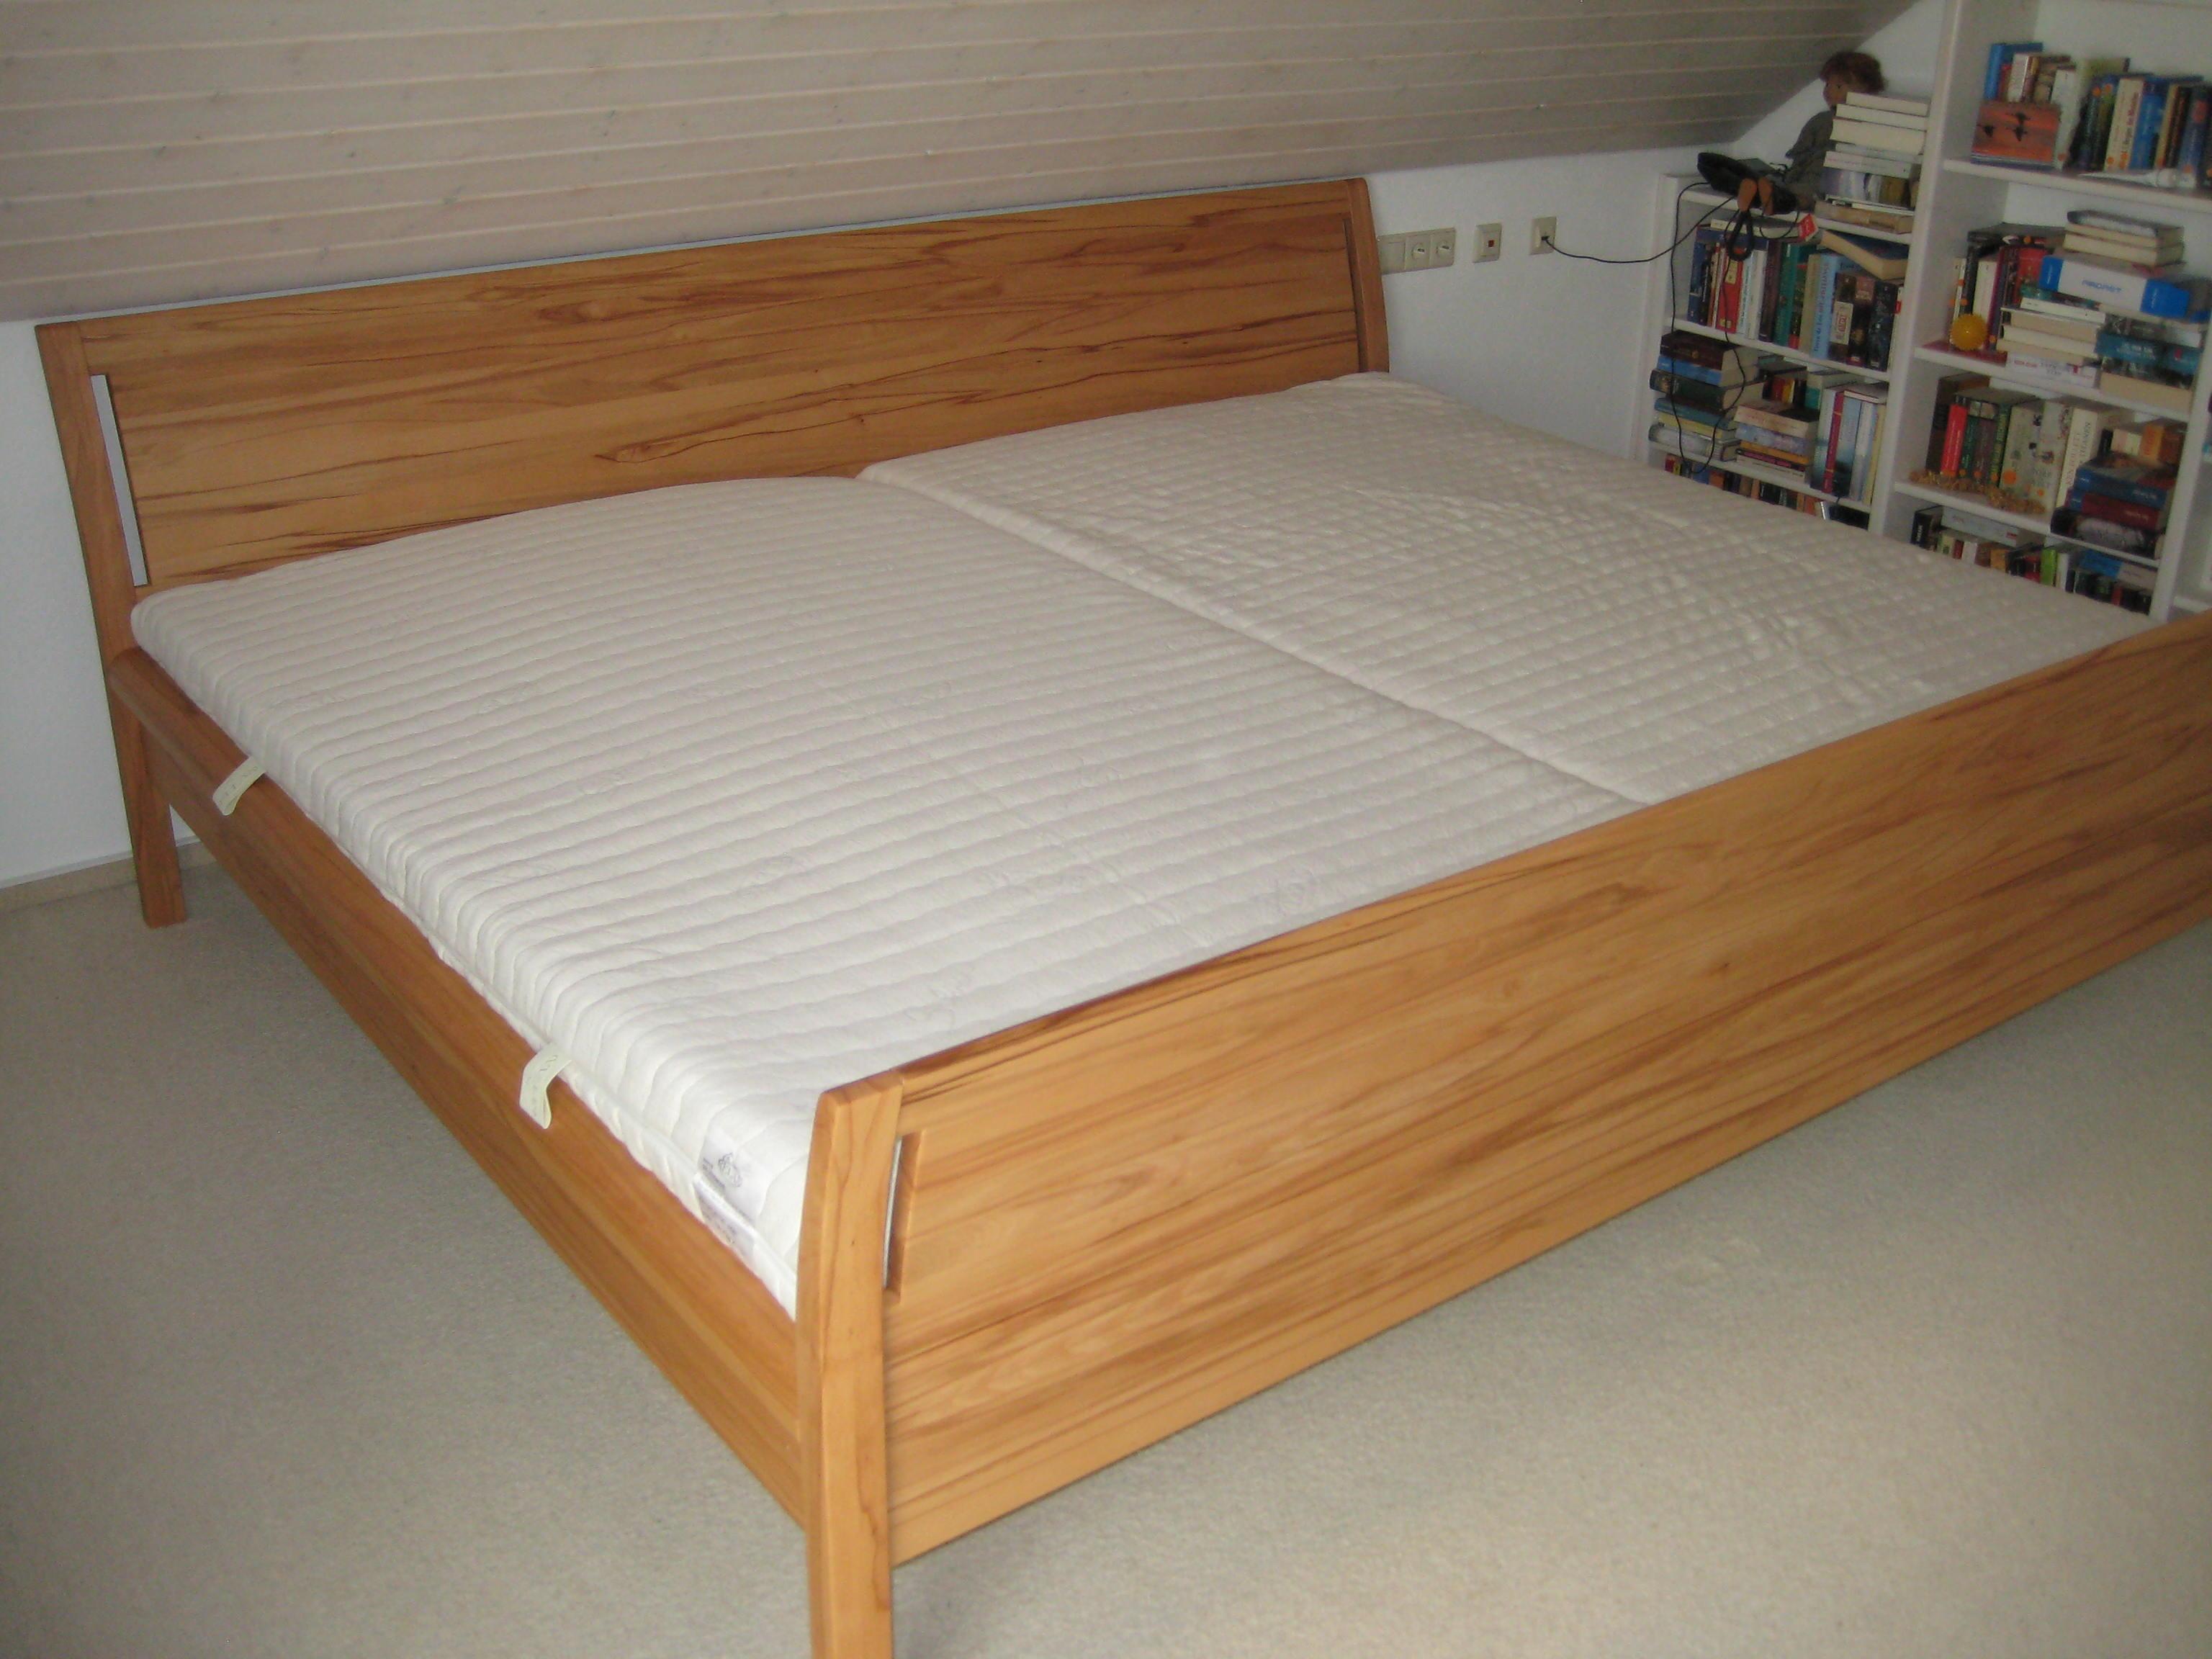 bett mit hohem fussteil von schreinerei burkhardt bei stuttgart. Black Bedroom Furniture Sets. Home Design Ideas